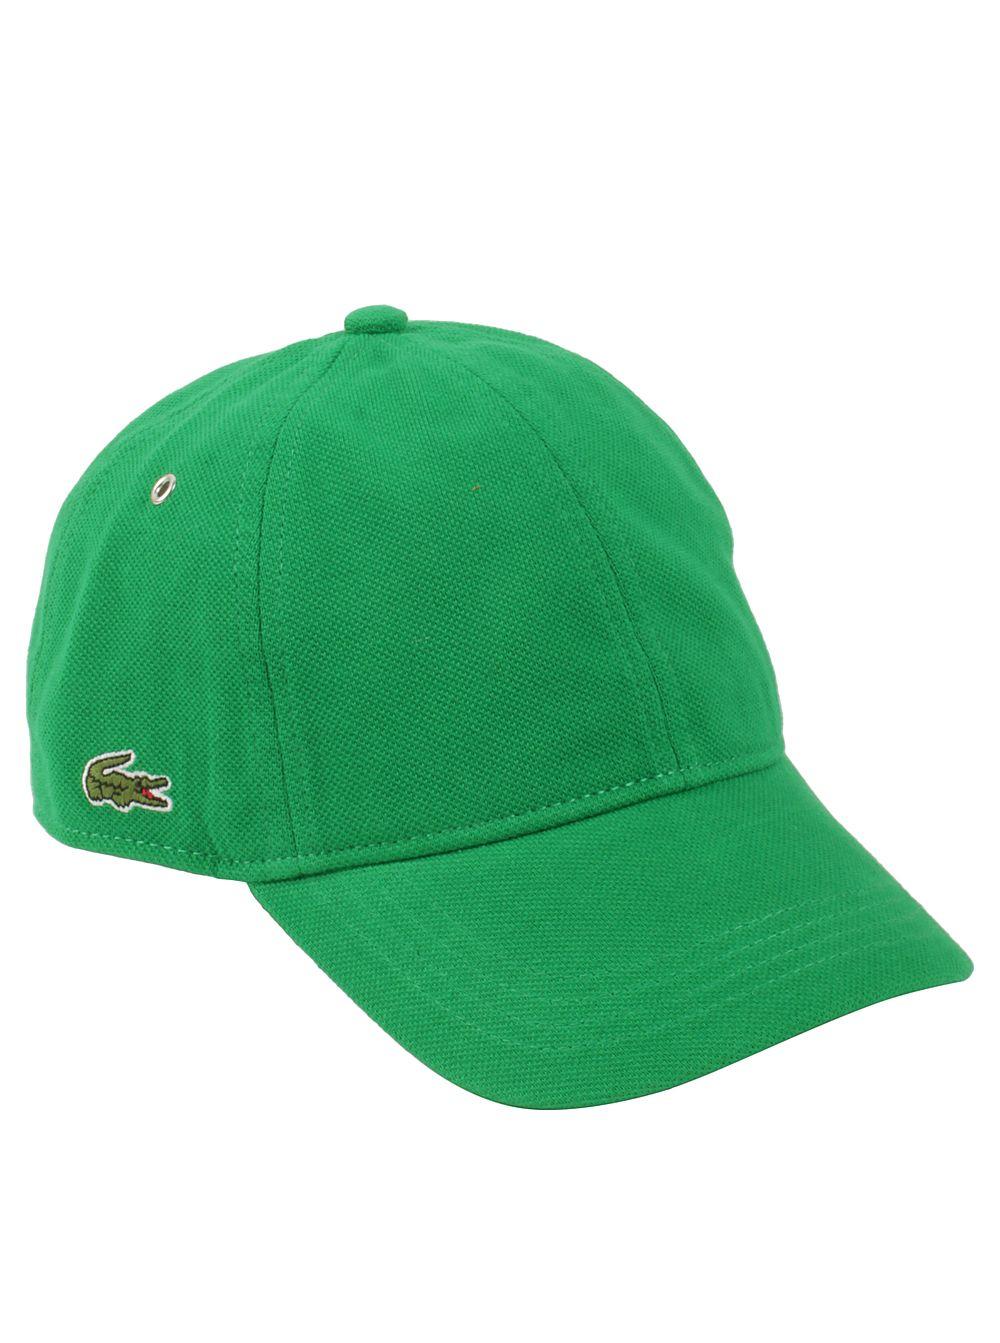 Lacoste Men/'s Pique Cotton Cap Style Hat Black